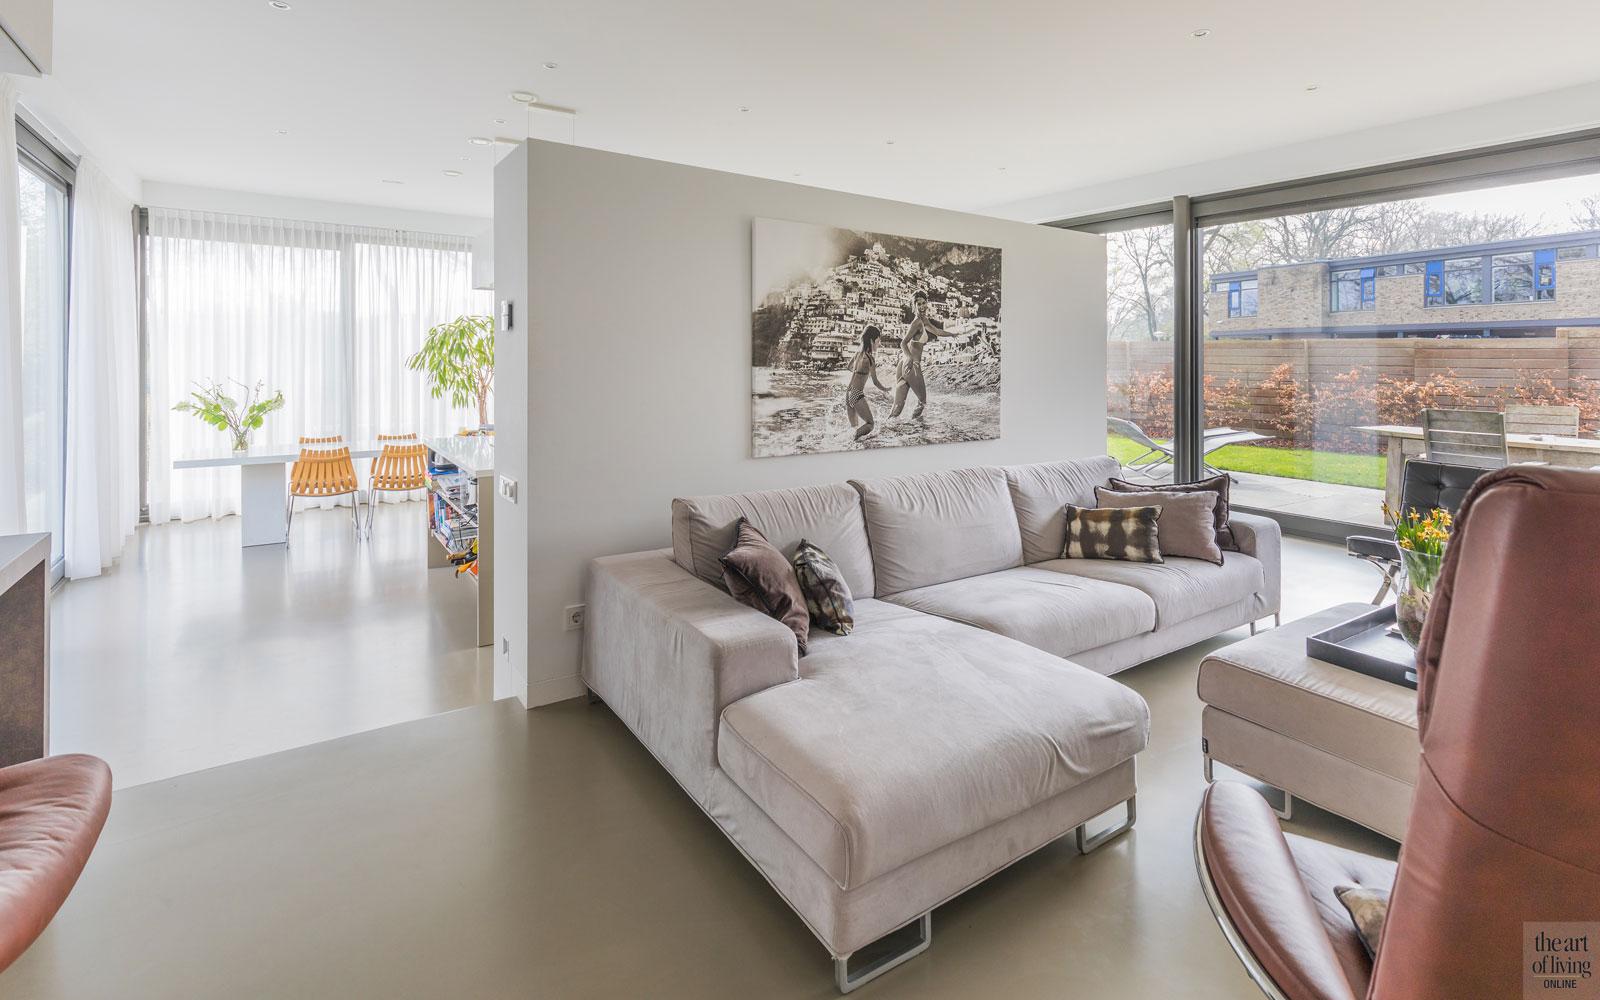 Woonkamer, living, ruimtelijk, gietvloer, grote ramen, lichtinval, duurzame villa, De Vries en Theunissen